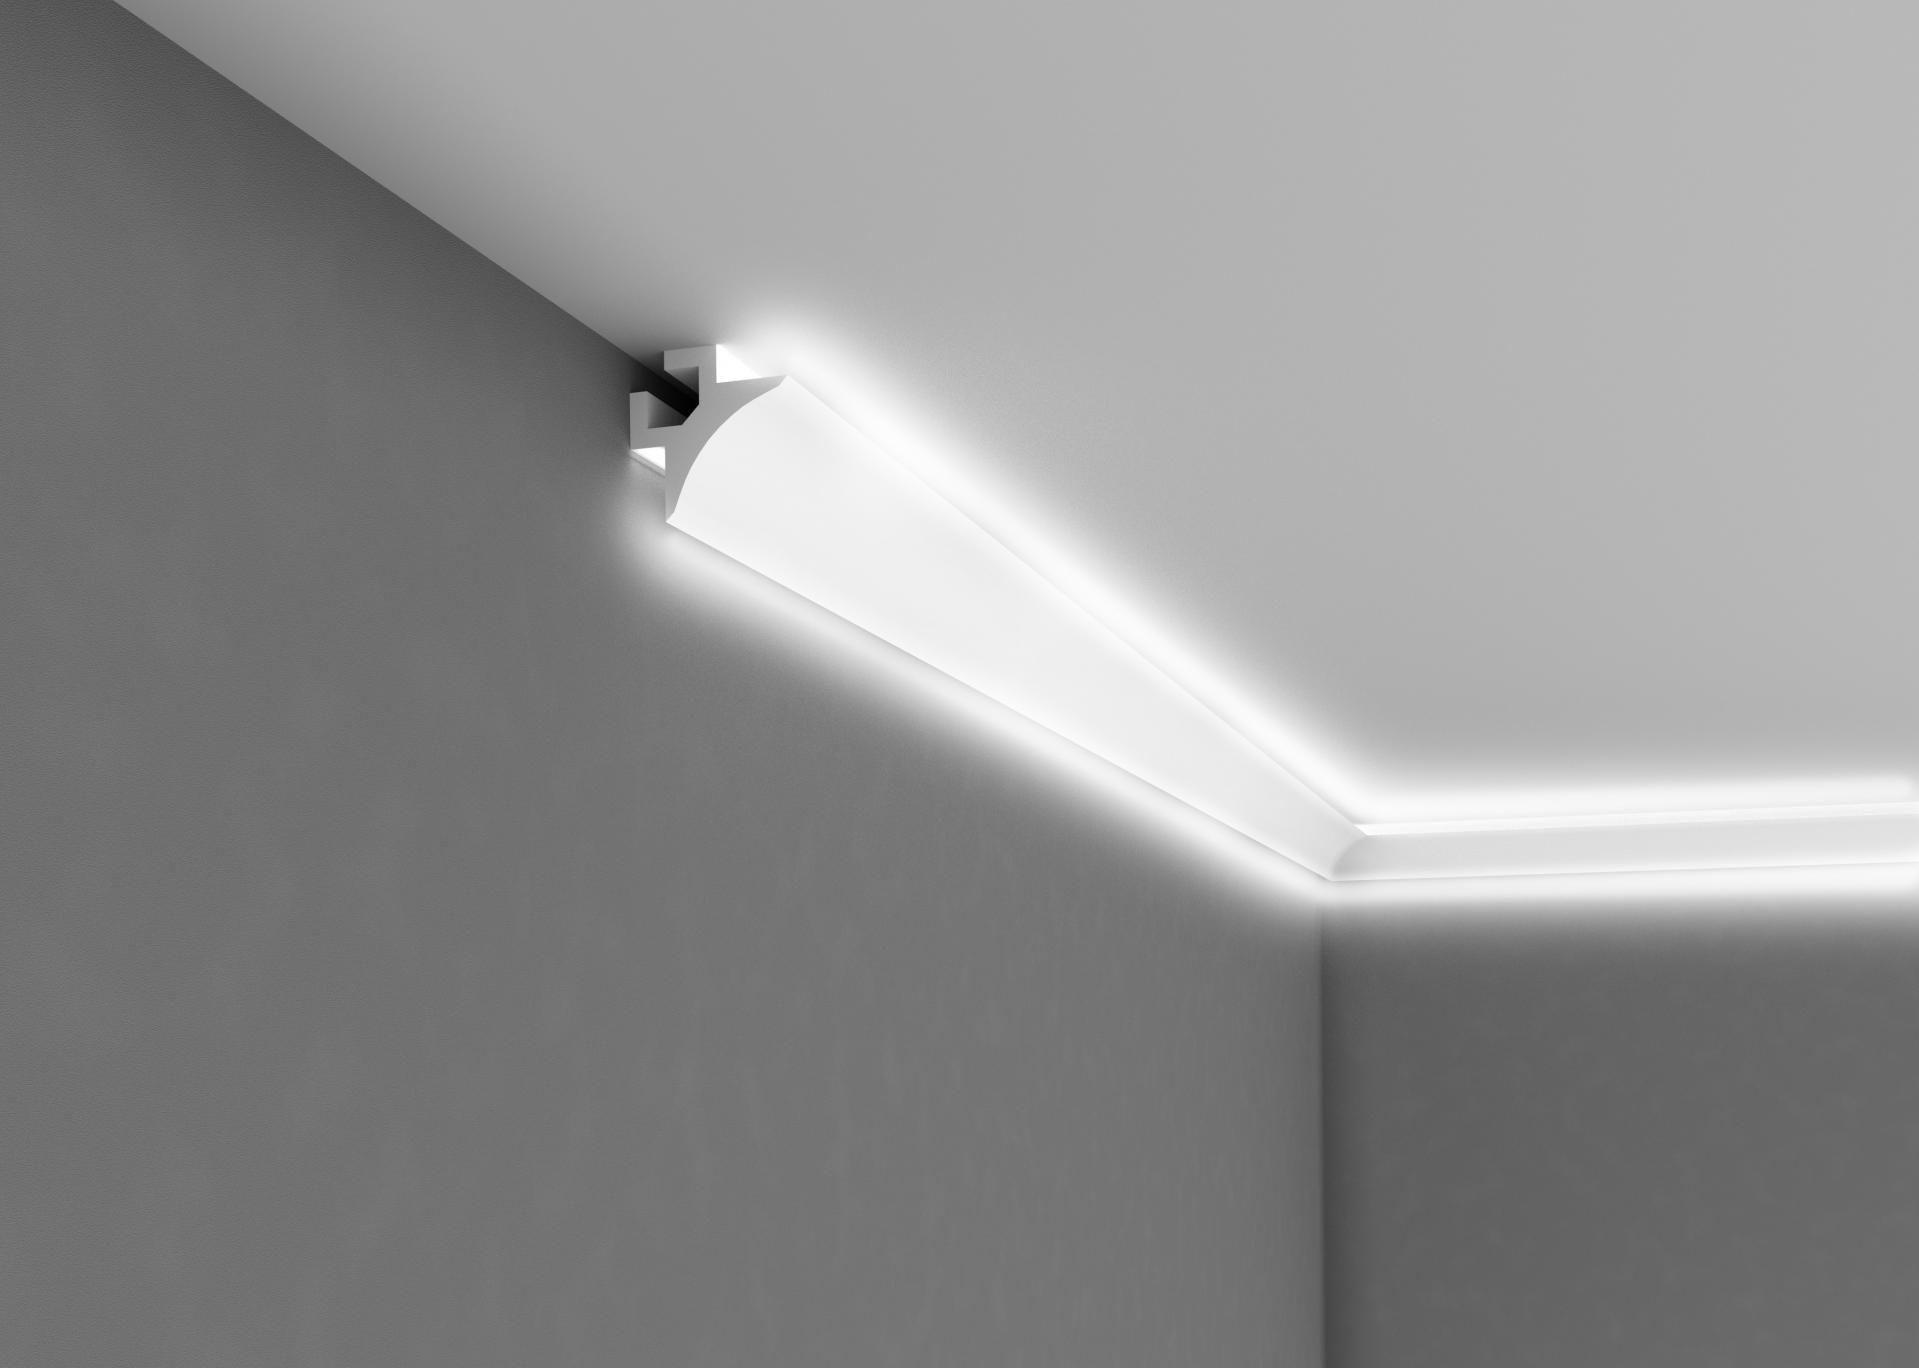 Corniche De Plafond D Eclairage Indirect In 2020 Indirekte Beleuchtung Beleuchtung Lichtleiste